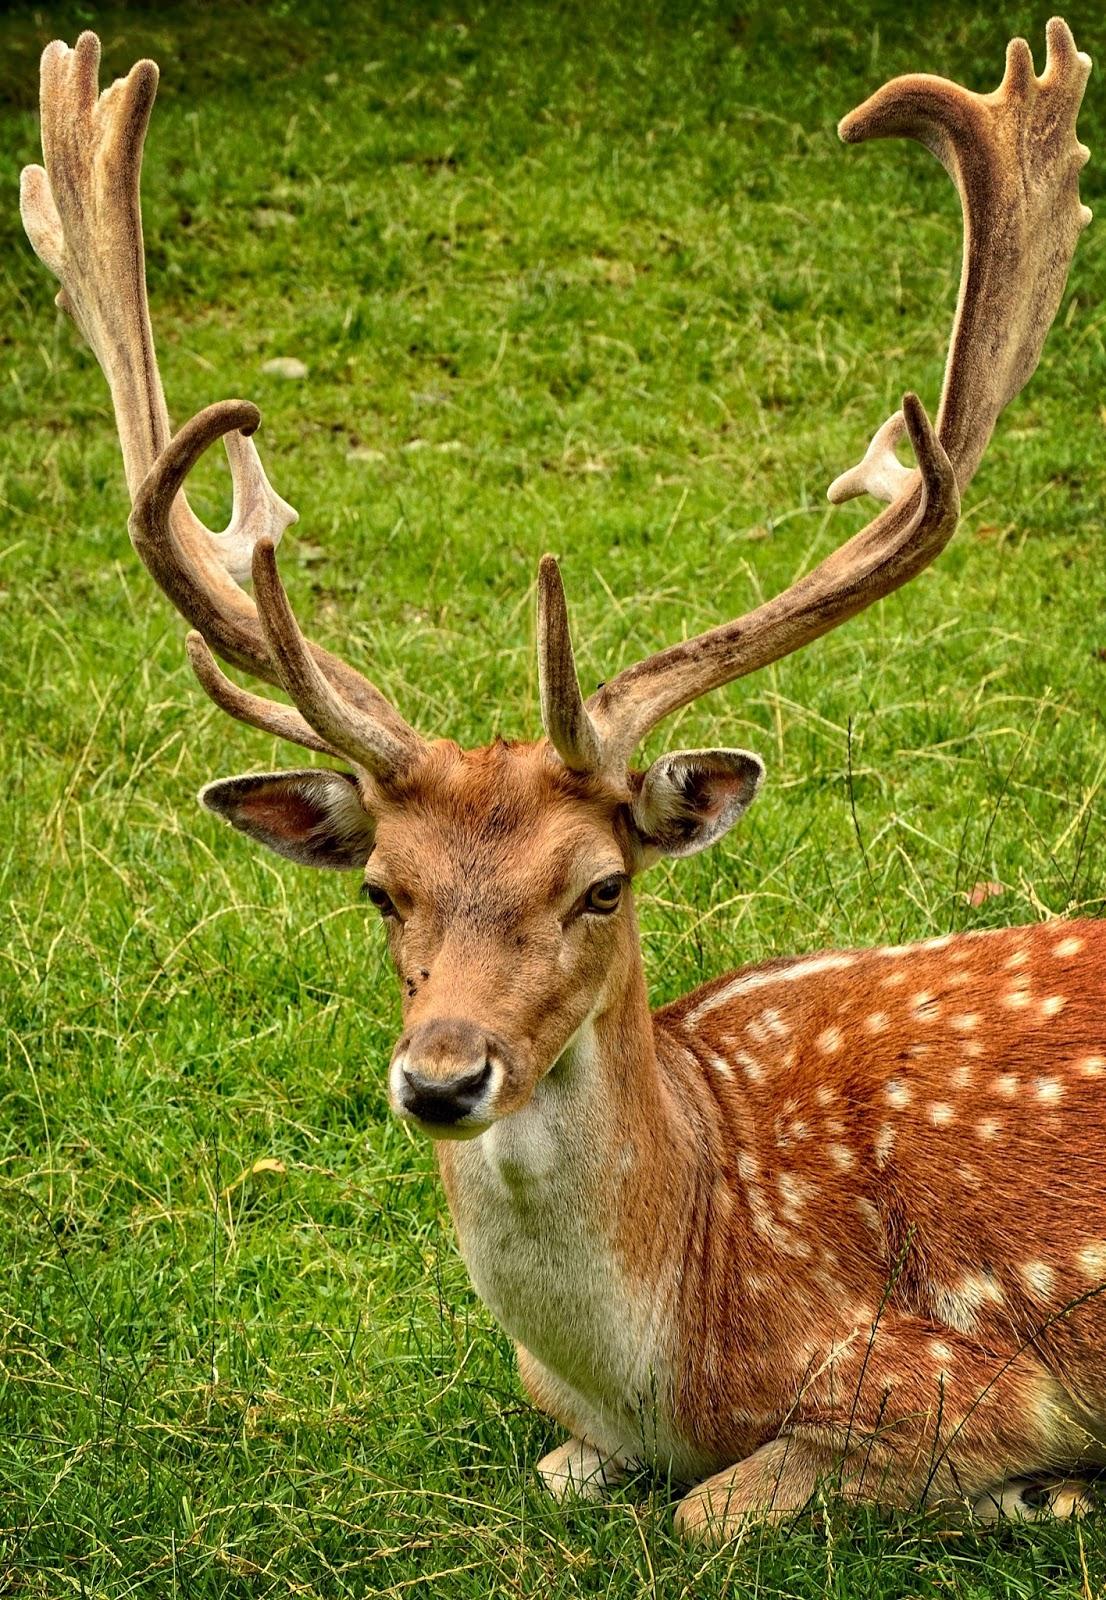 Huge antlers of a fallow deer.